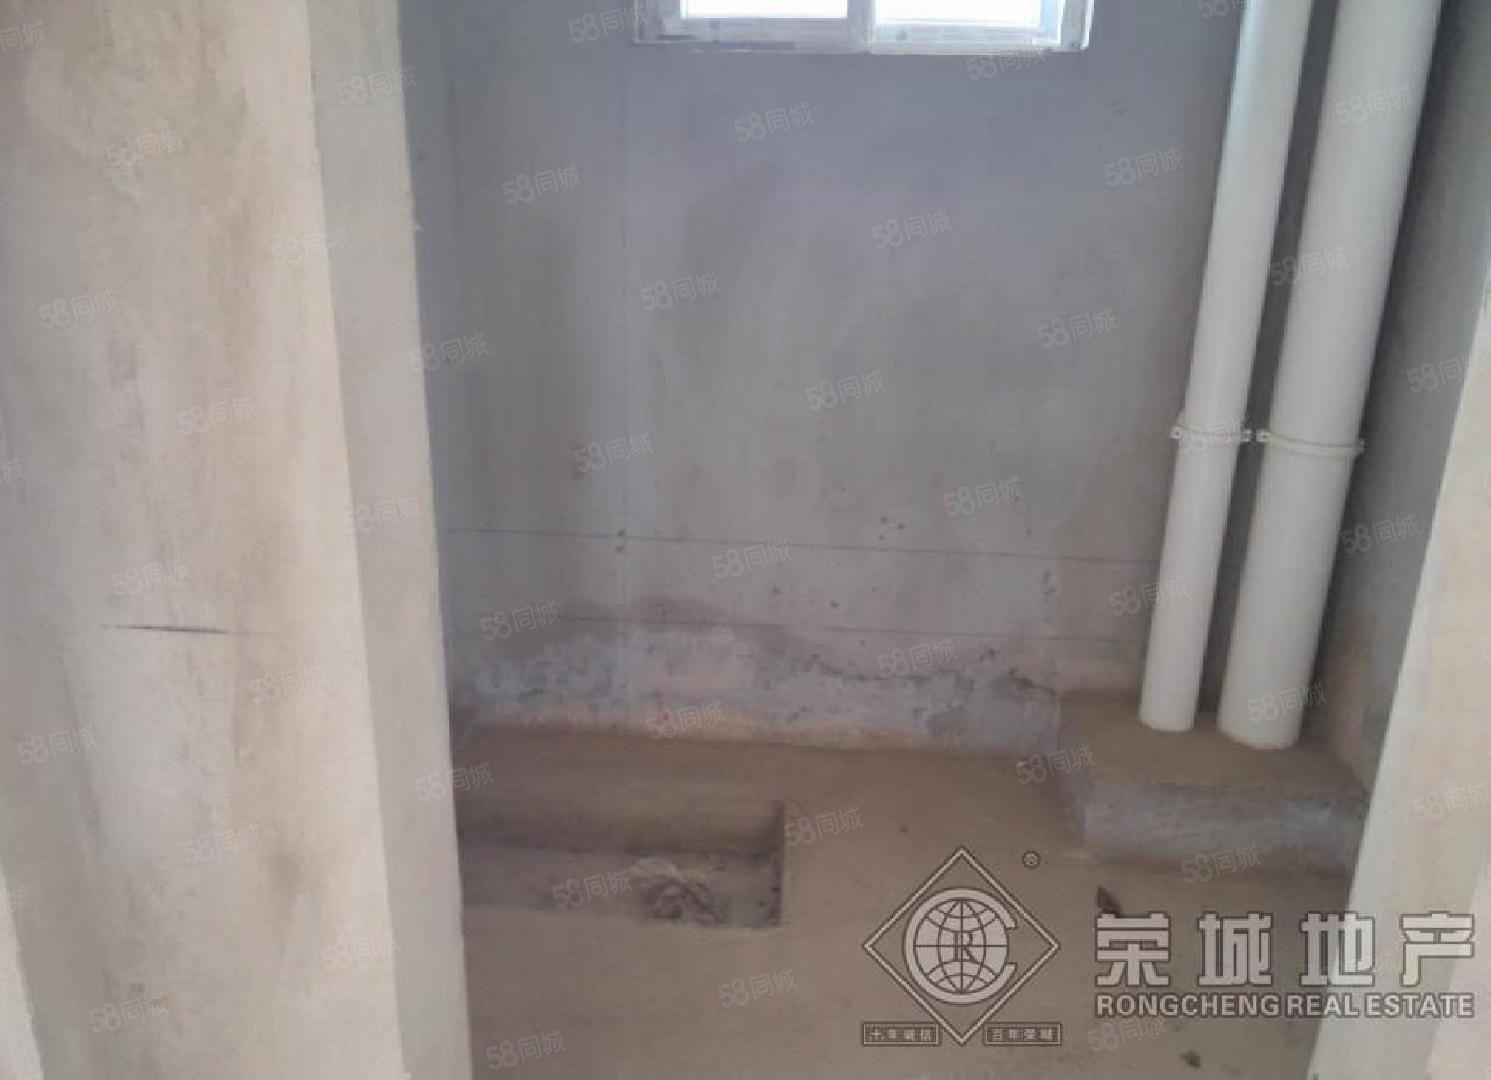 山水佳园(铭德上居)140平毛坯楼梯房